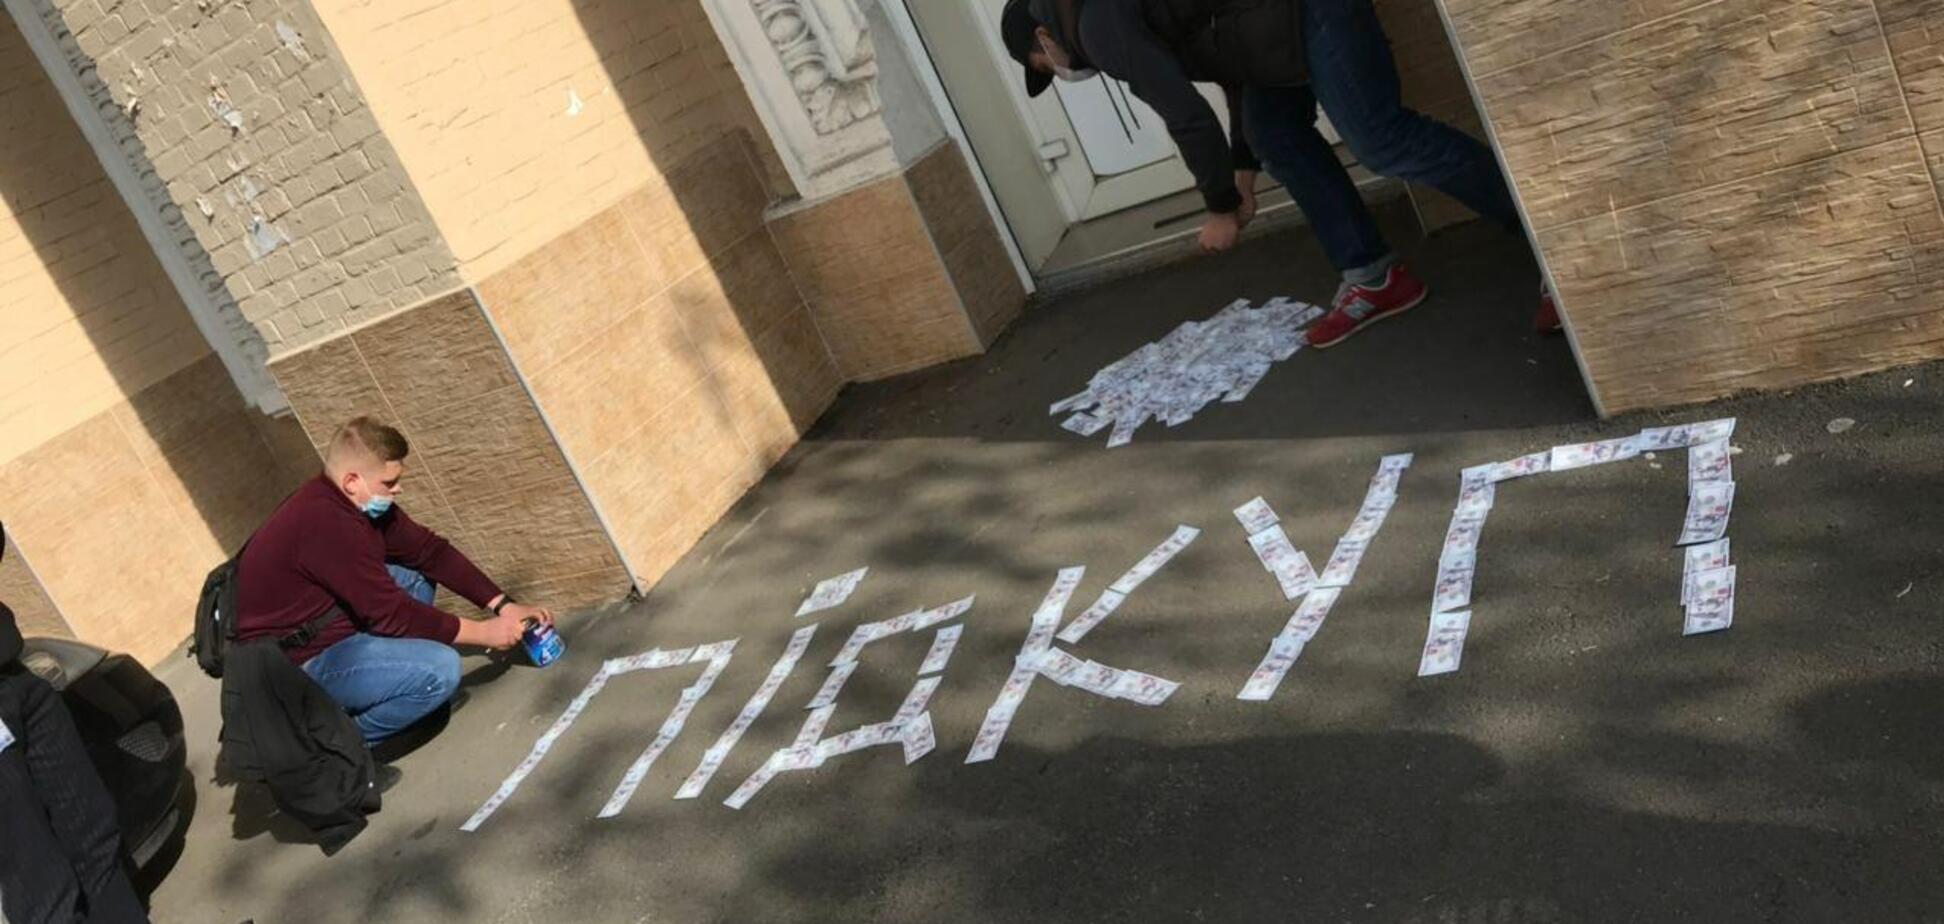 Активисты заблокировали офисы 'Єдності', чтобы помешать подкупу избирателей